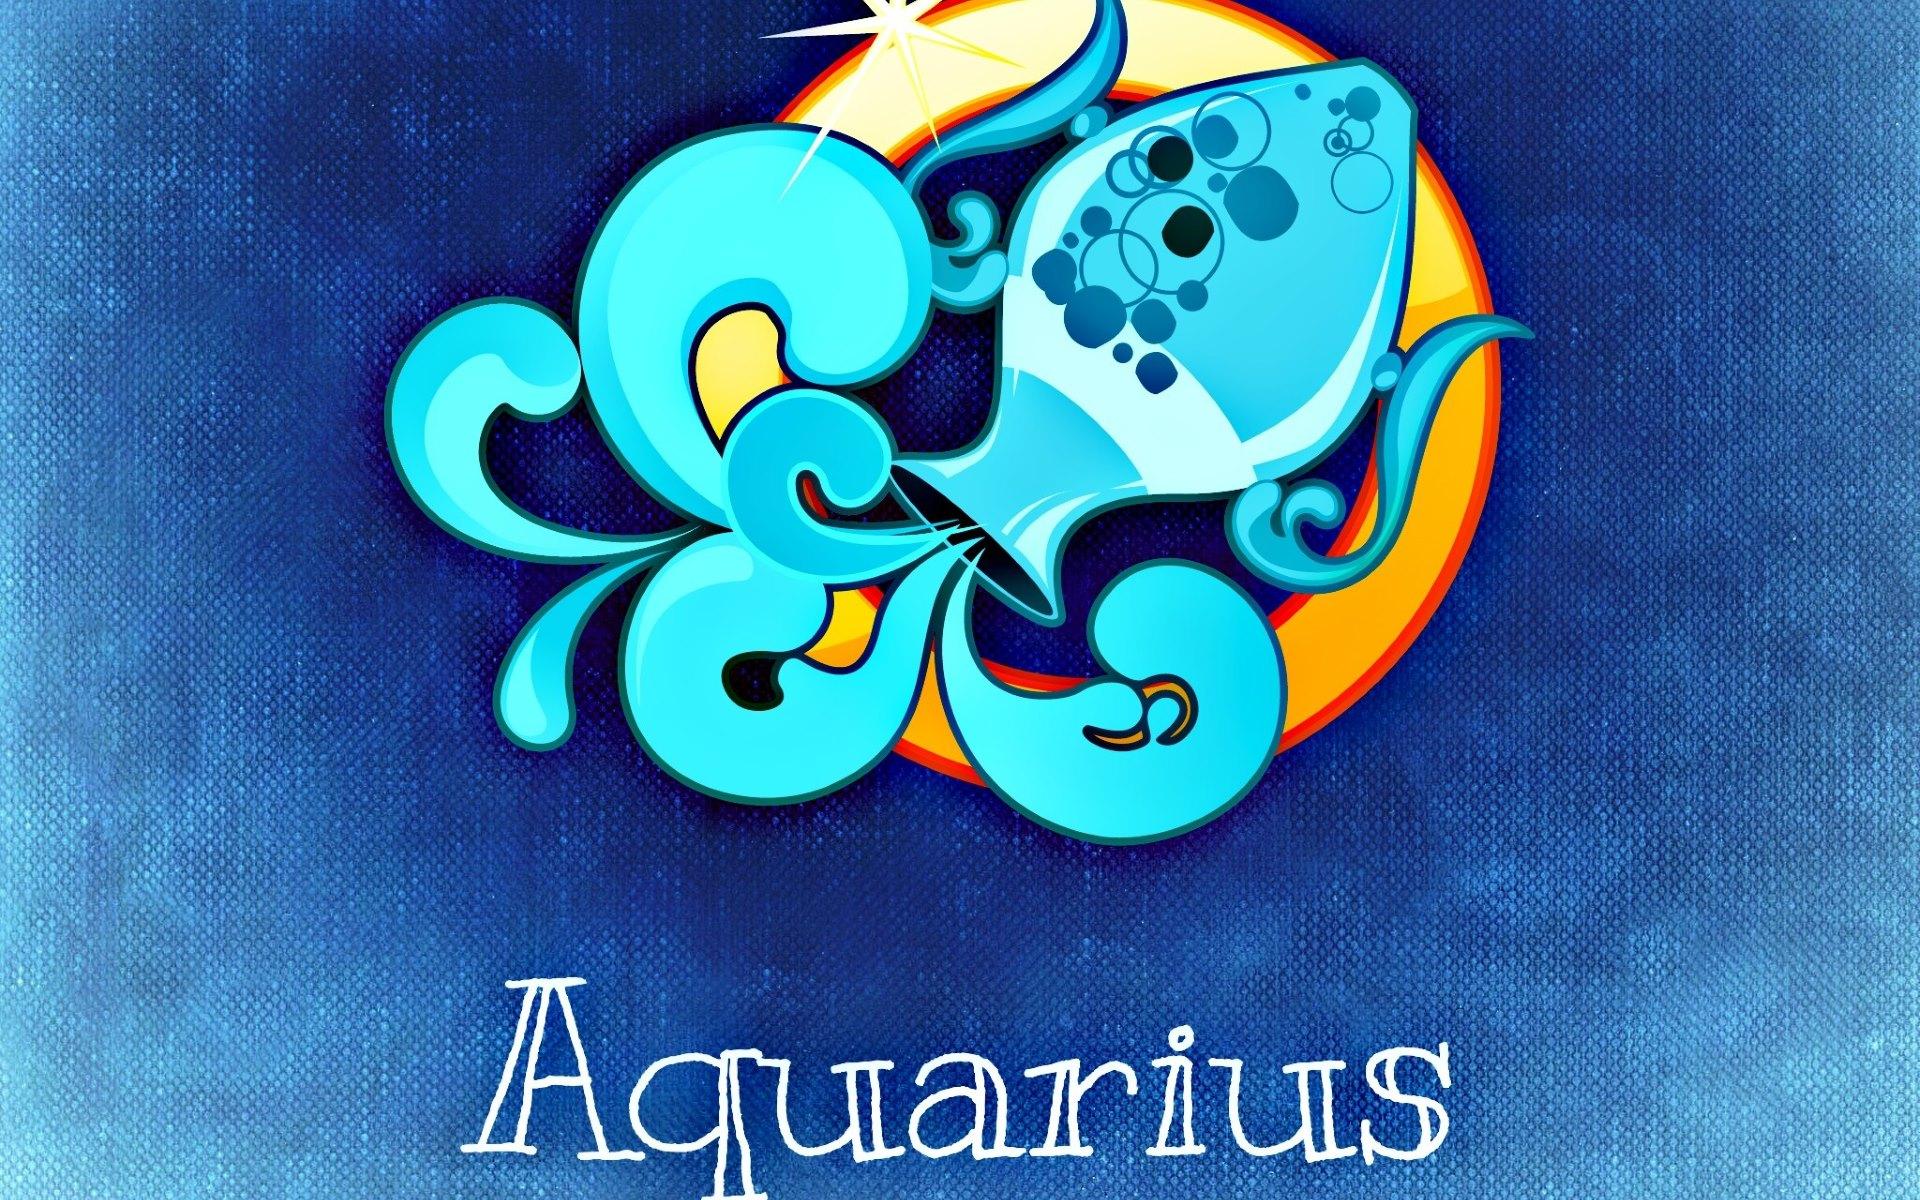 Libra Quotes Wallpaper Hd Aquarius Wallpaper Pixelstalk Net